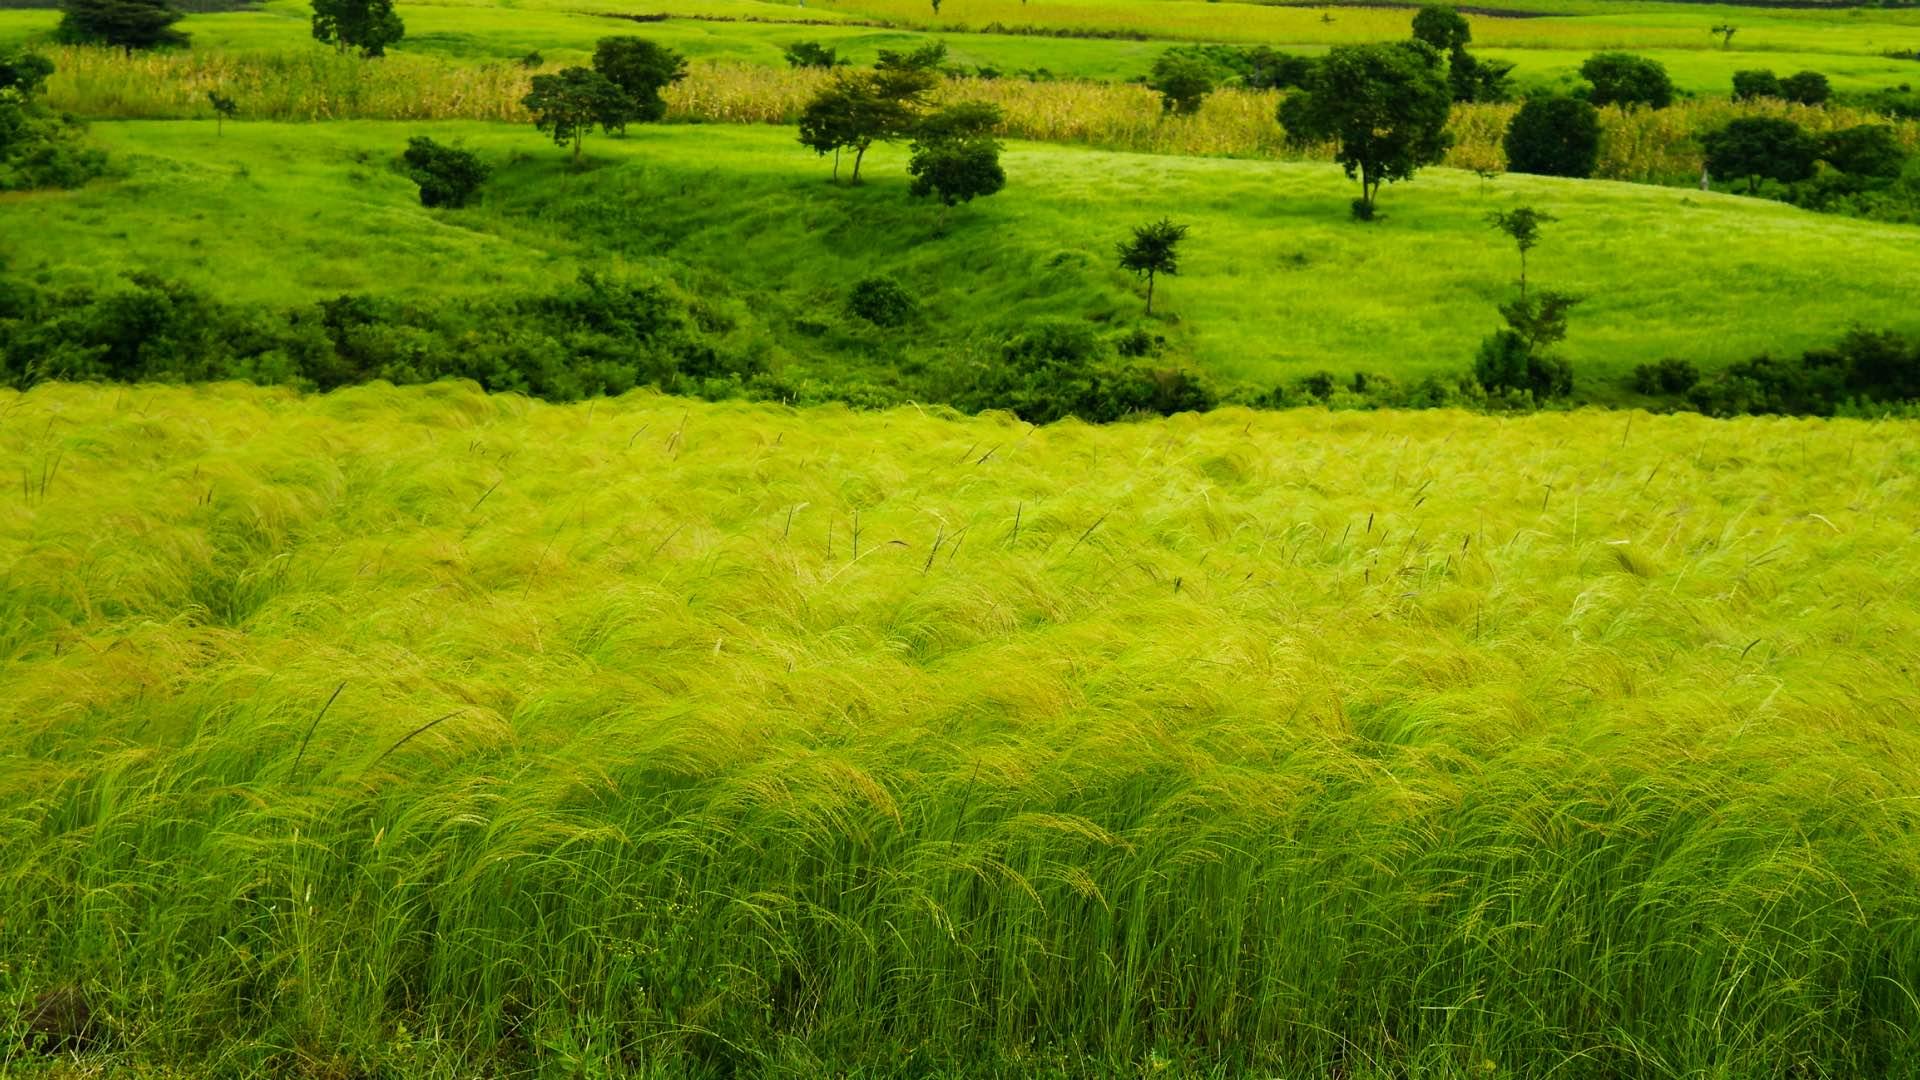 Teff Anbau in Äthiopien Tefffeld Zwerghirse Hirse